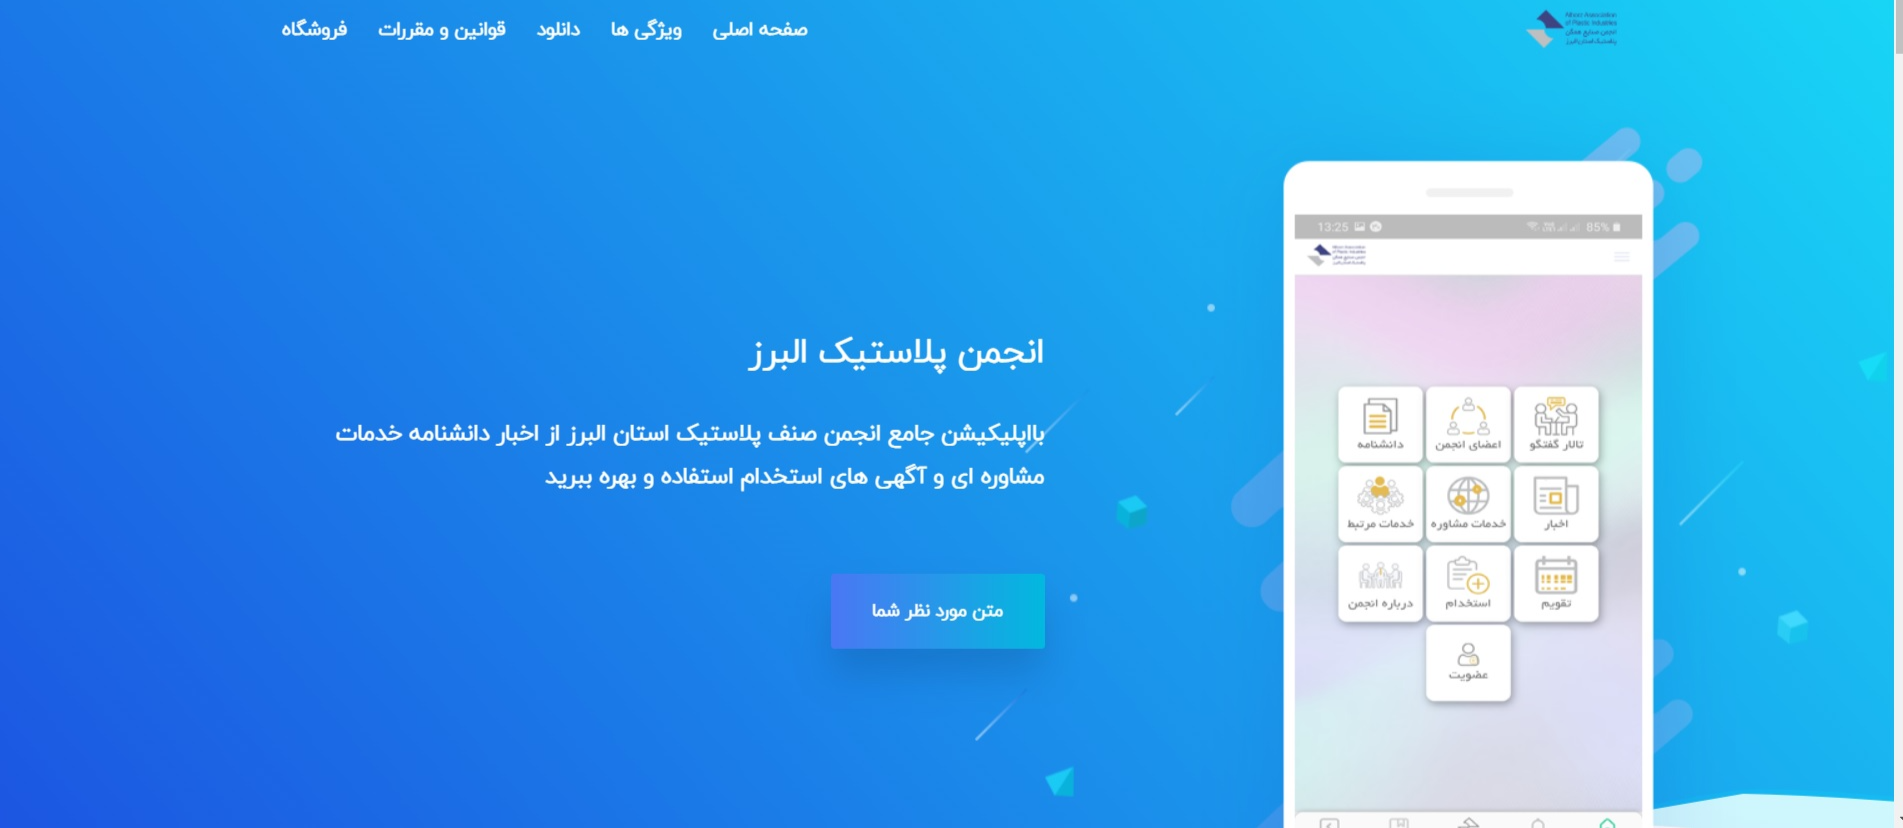 وب اپلیکیشن انجمن صنایع همگن استان البرز